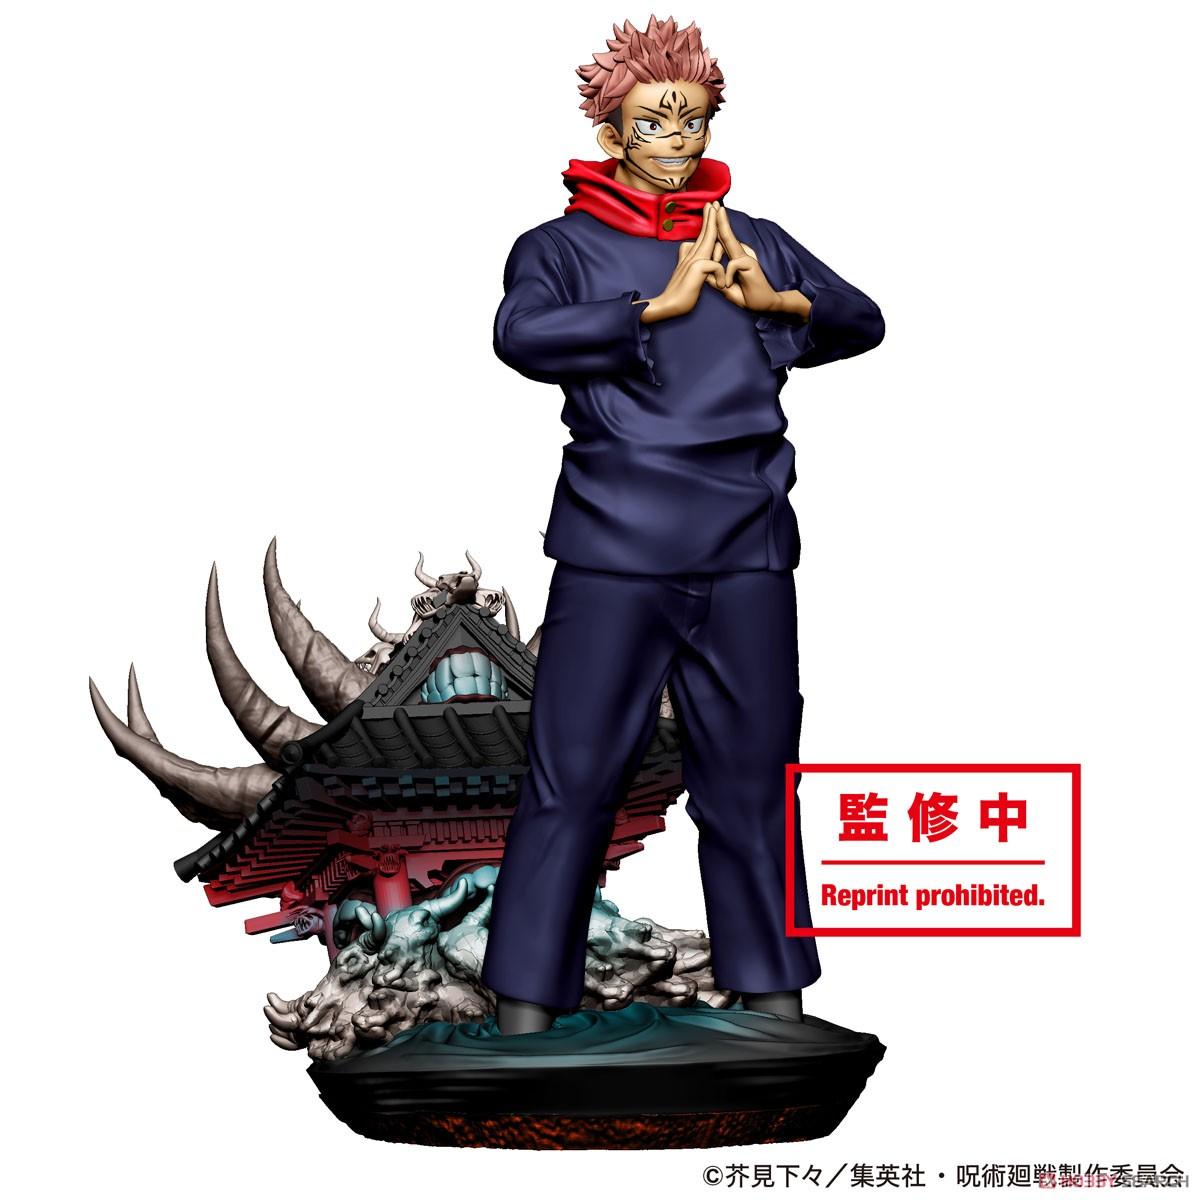 プチラマシリーズ『呪術廻戦 卓上領域展開 壱號』4個入りBOX-004